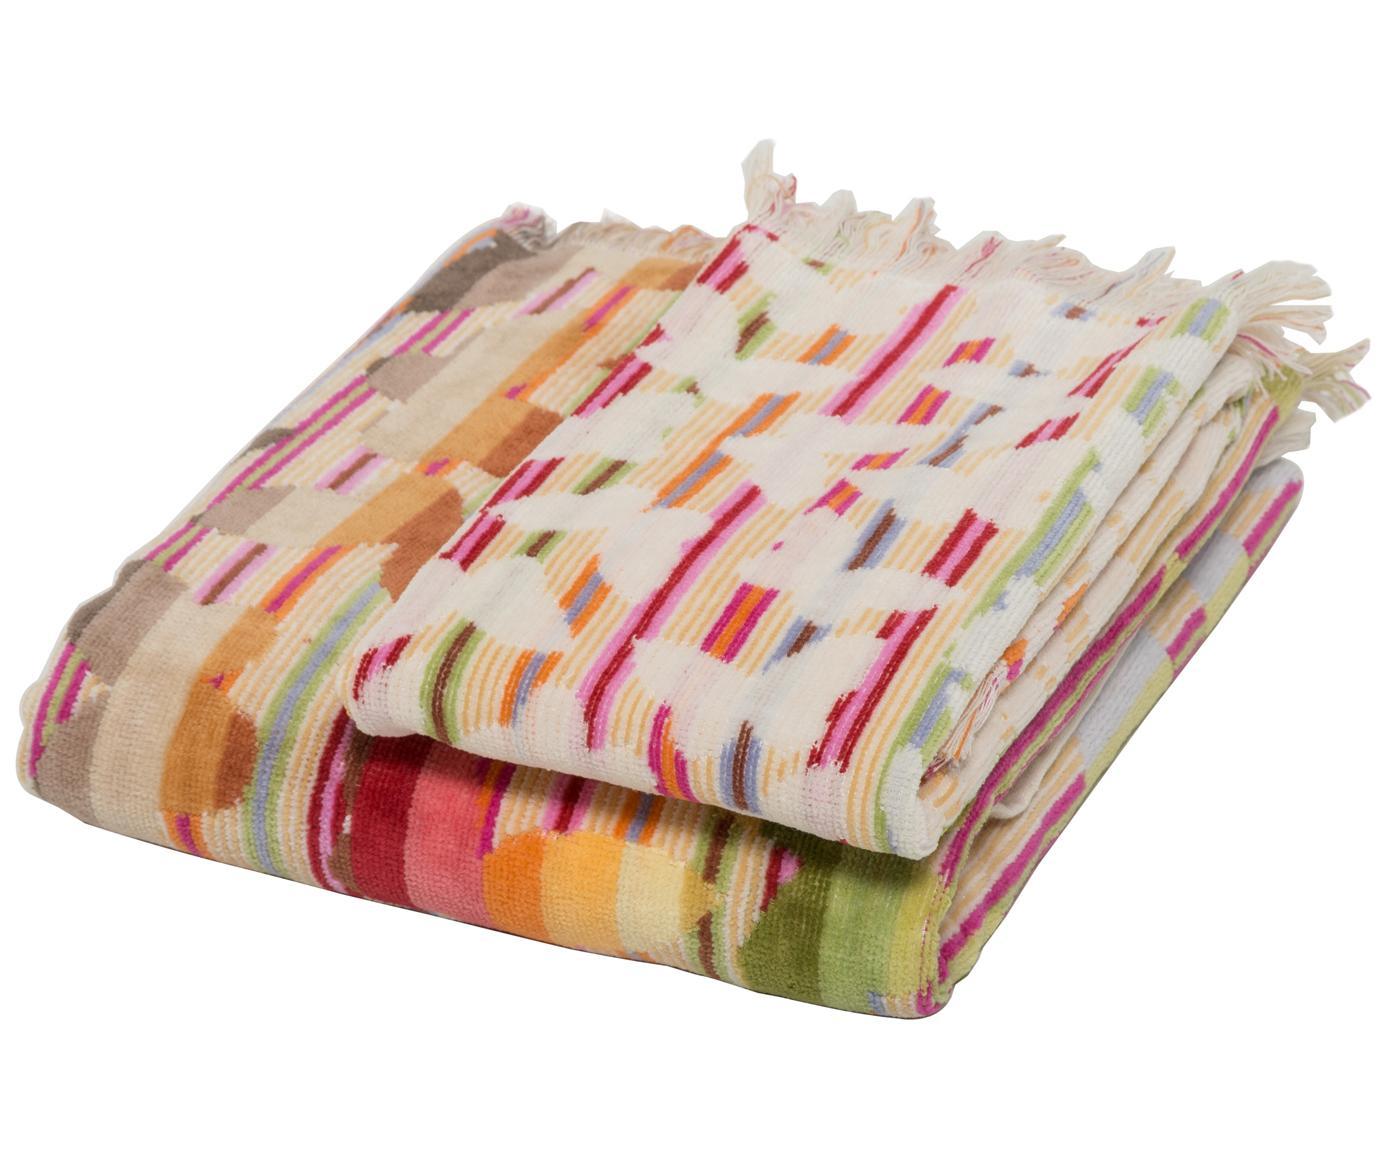 Komplet ręczników Josephine, 2 elem., Czerwony, wielobarwny, Różne rozmiary